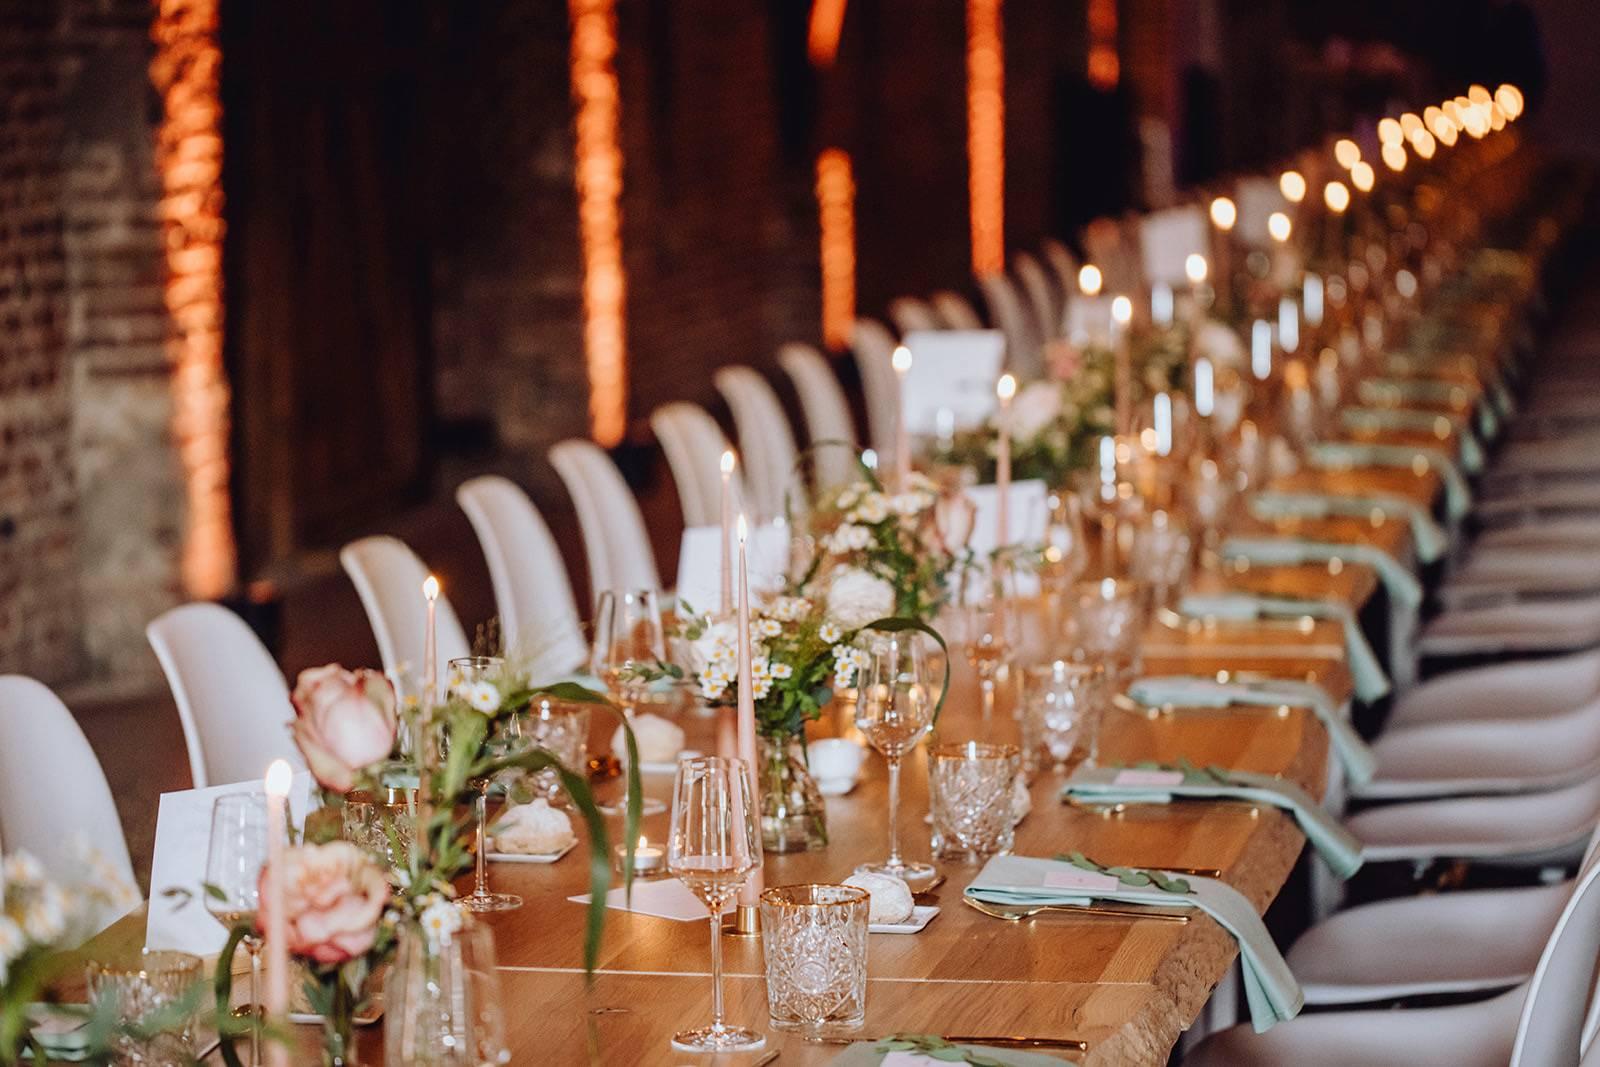 Atelier Rosé - Wedding Planner - House of Weddings Annelies & Hannes - Lux Visual Storytellers (4)